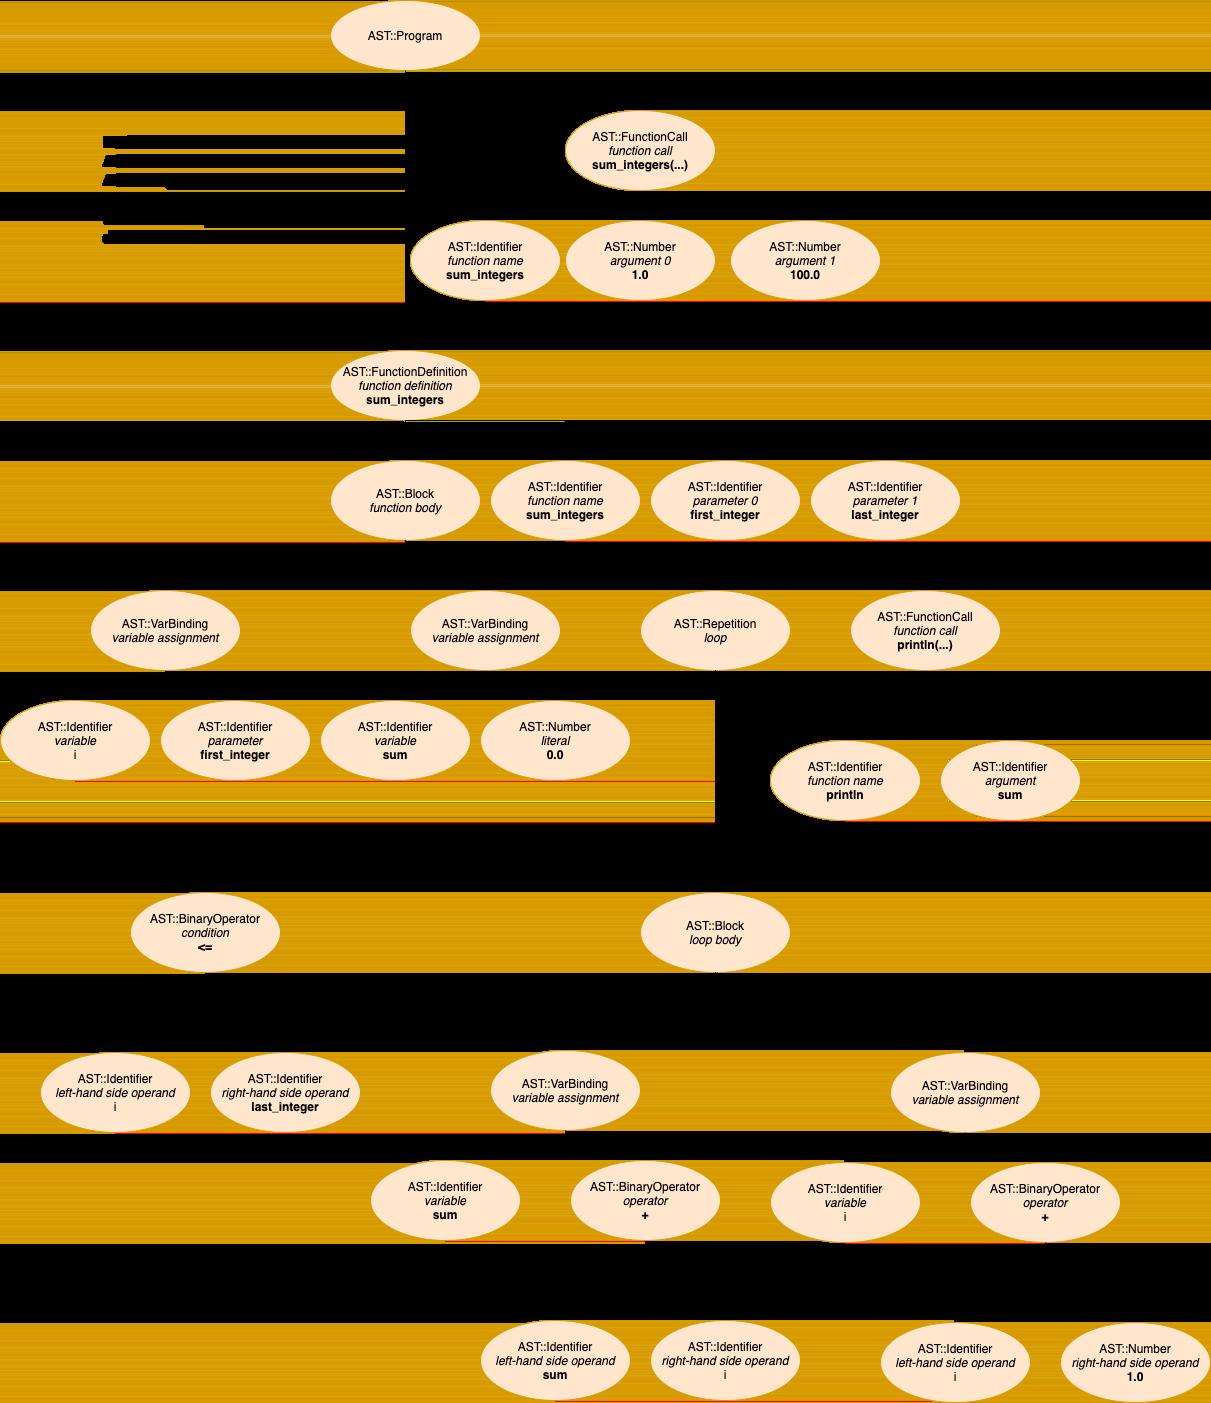 Sample Program's AST